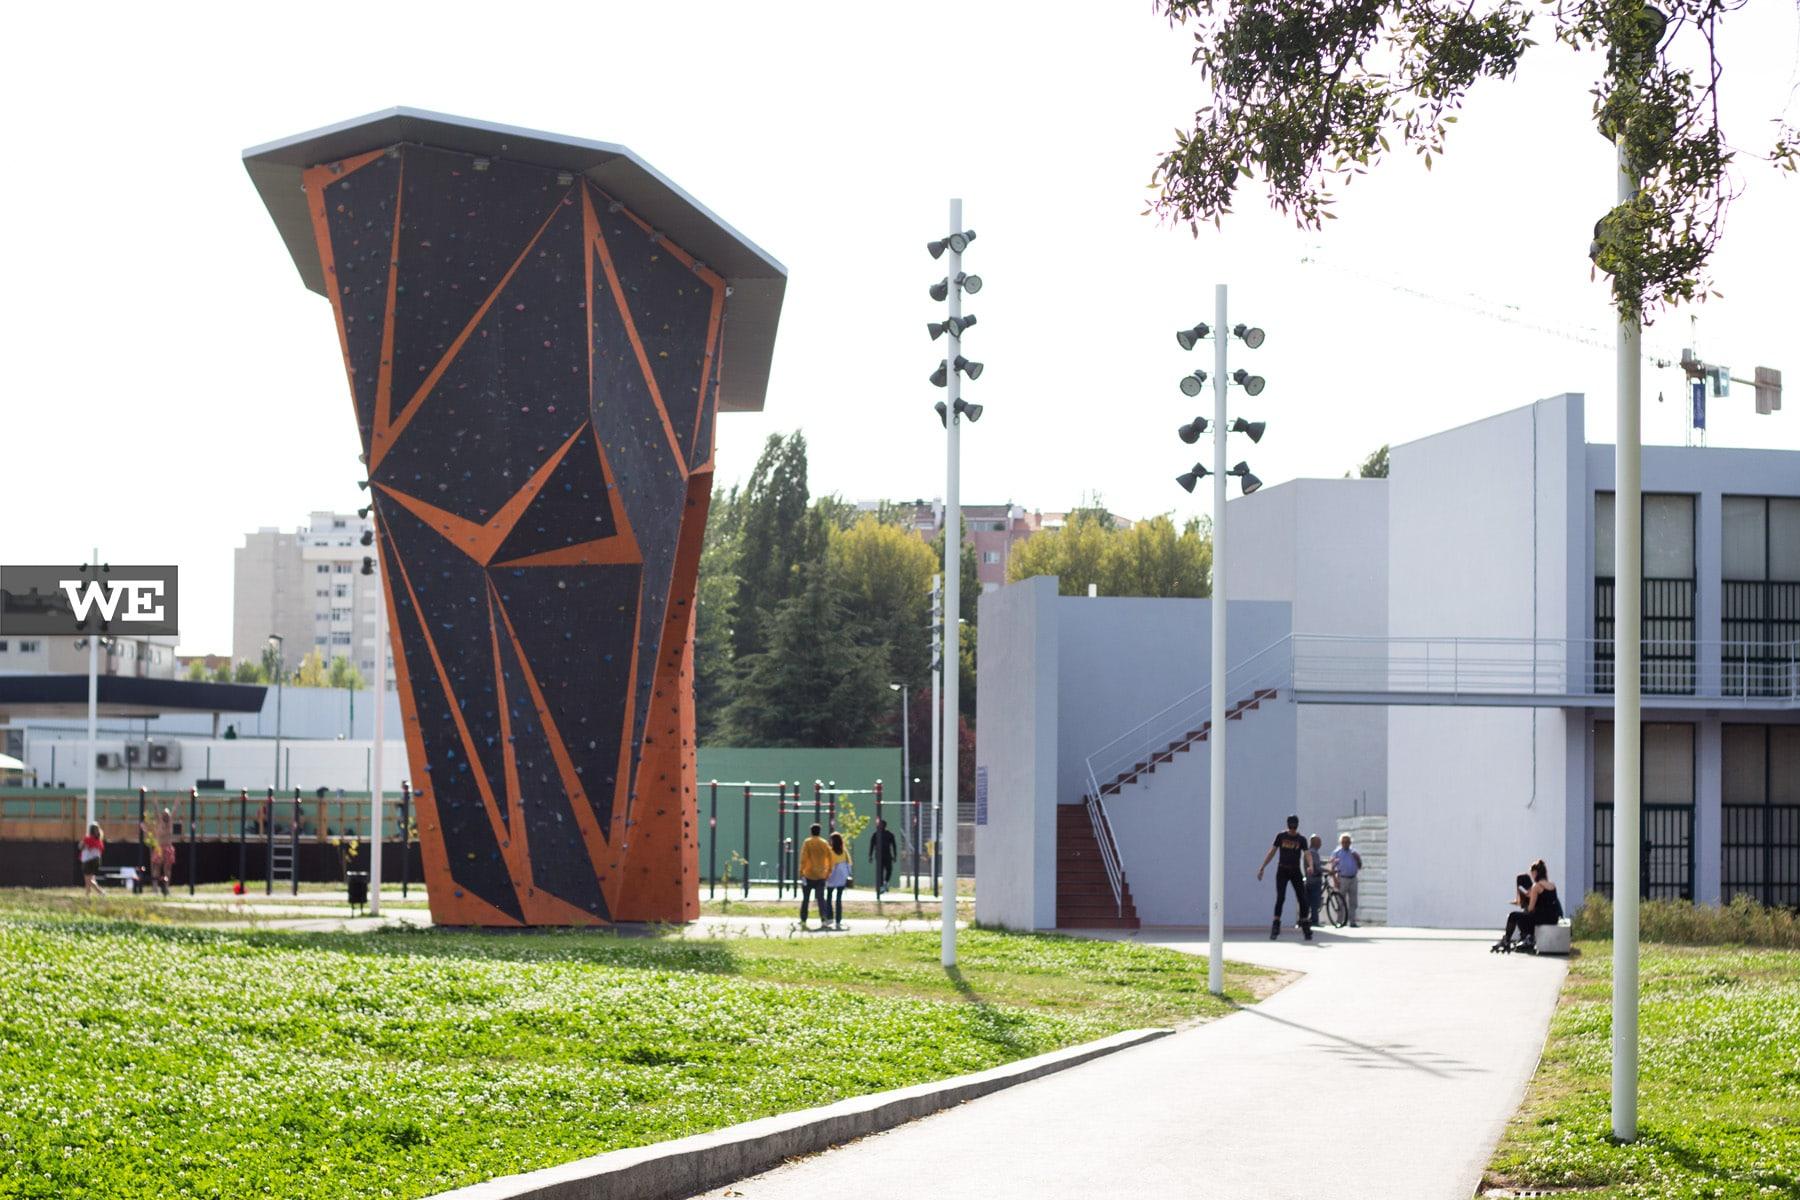 Parede Escalada Parque Desportivo Rodovia